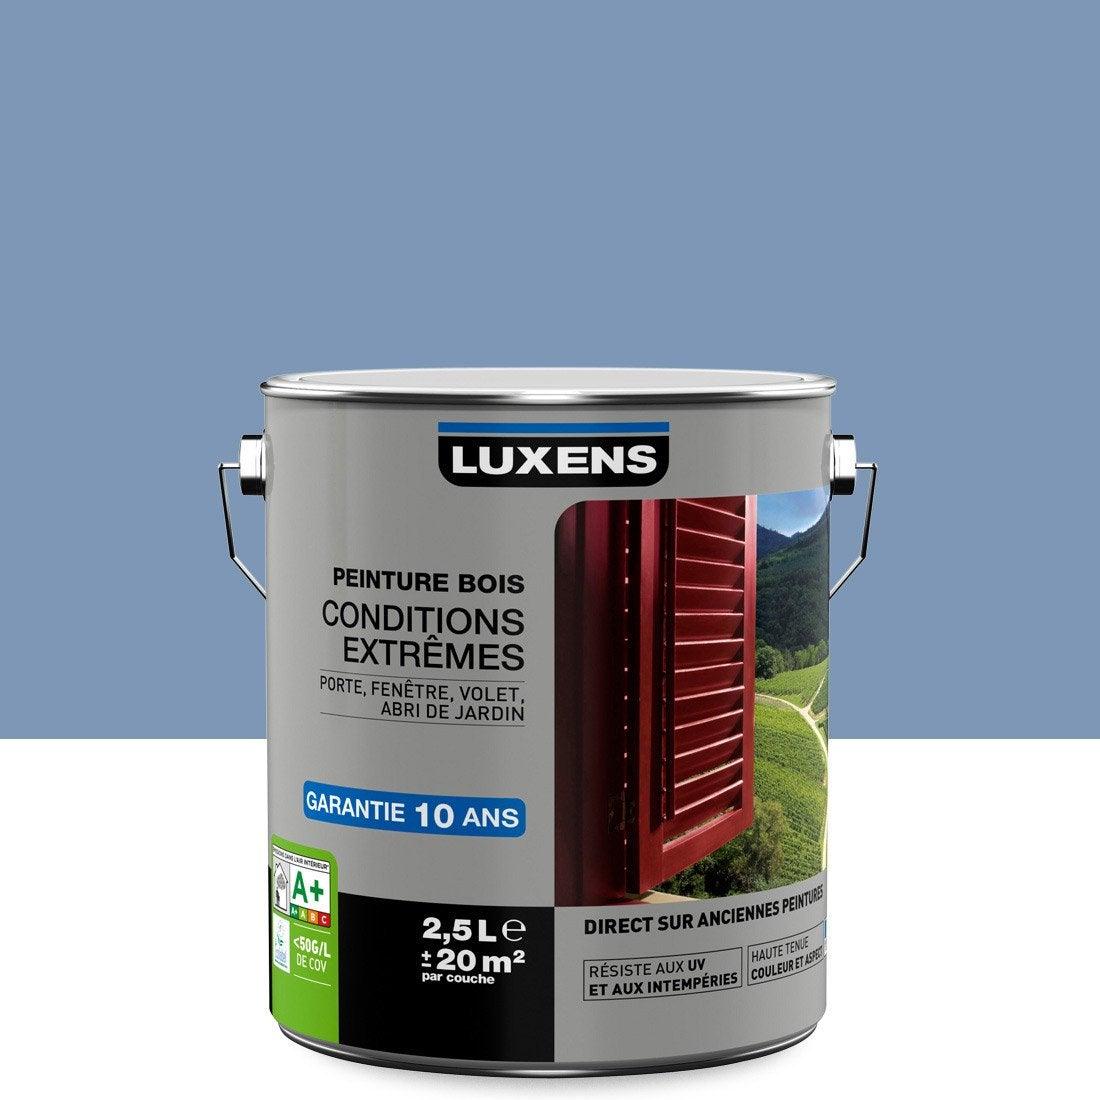 Peinture Bois Extérieur Conditions Extrêmes Luxens Bleu Provence 25 L